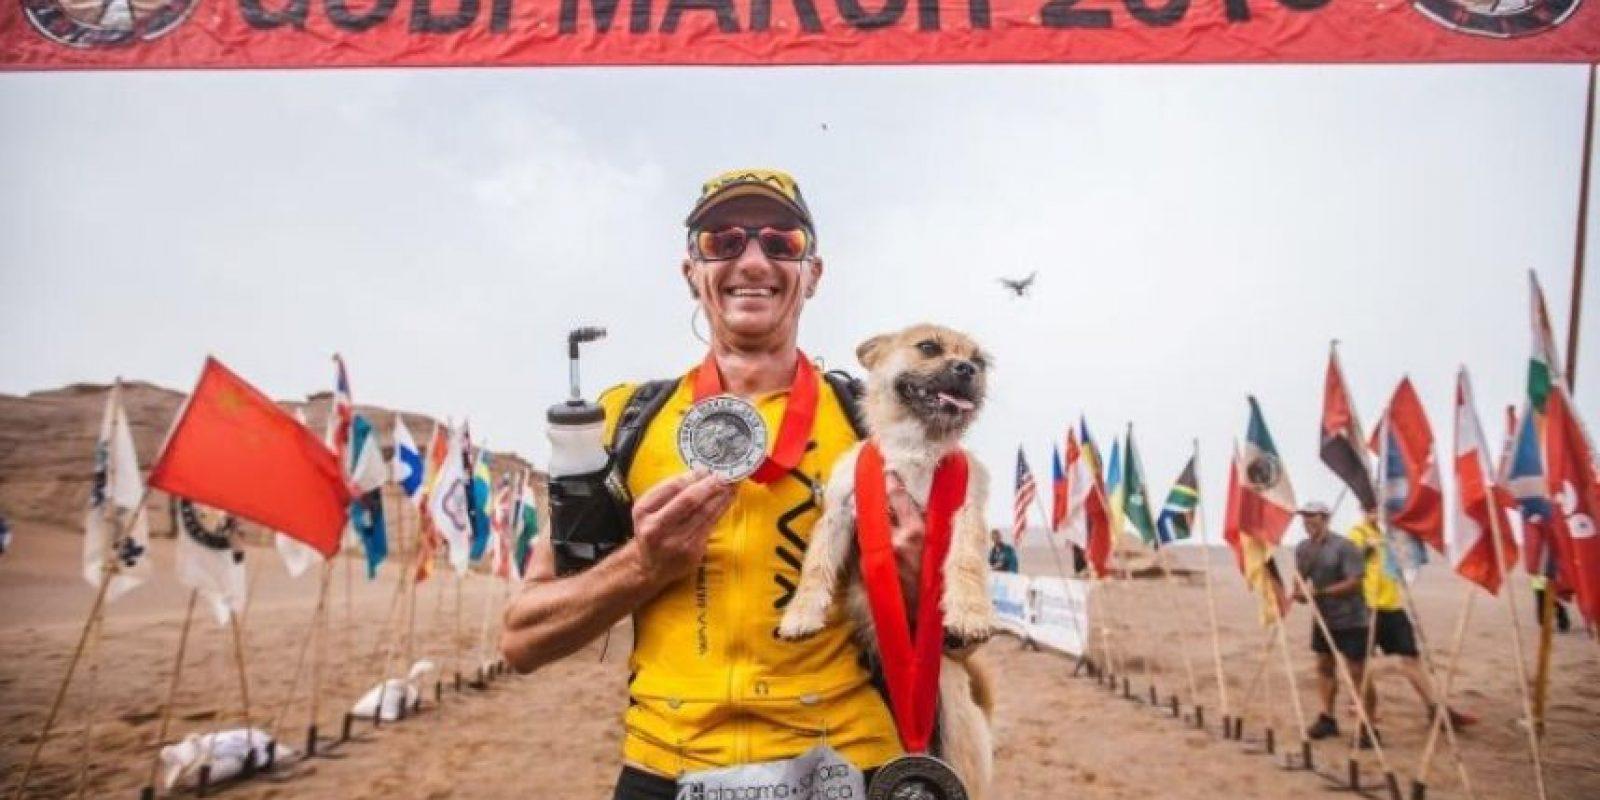 Terminaron juntos la carrera que duró siete días Foto:Crowdfunder.co.uk/bring-gobi-home